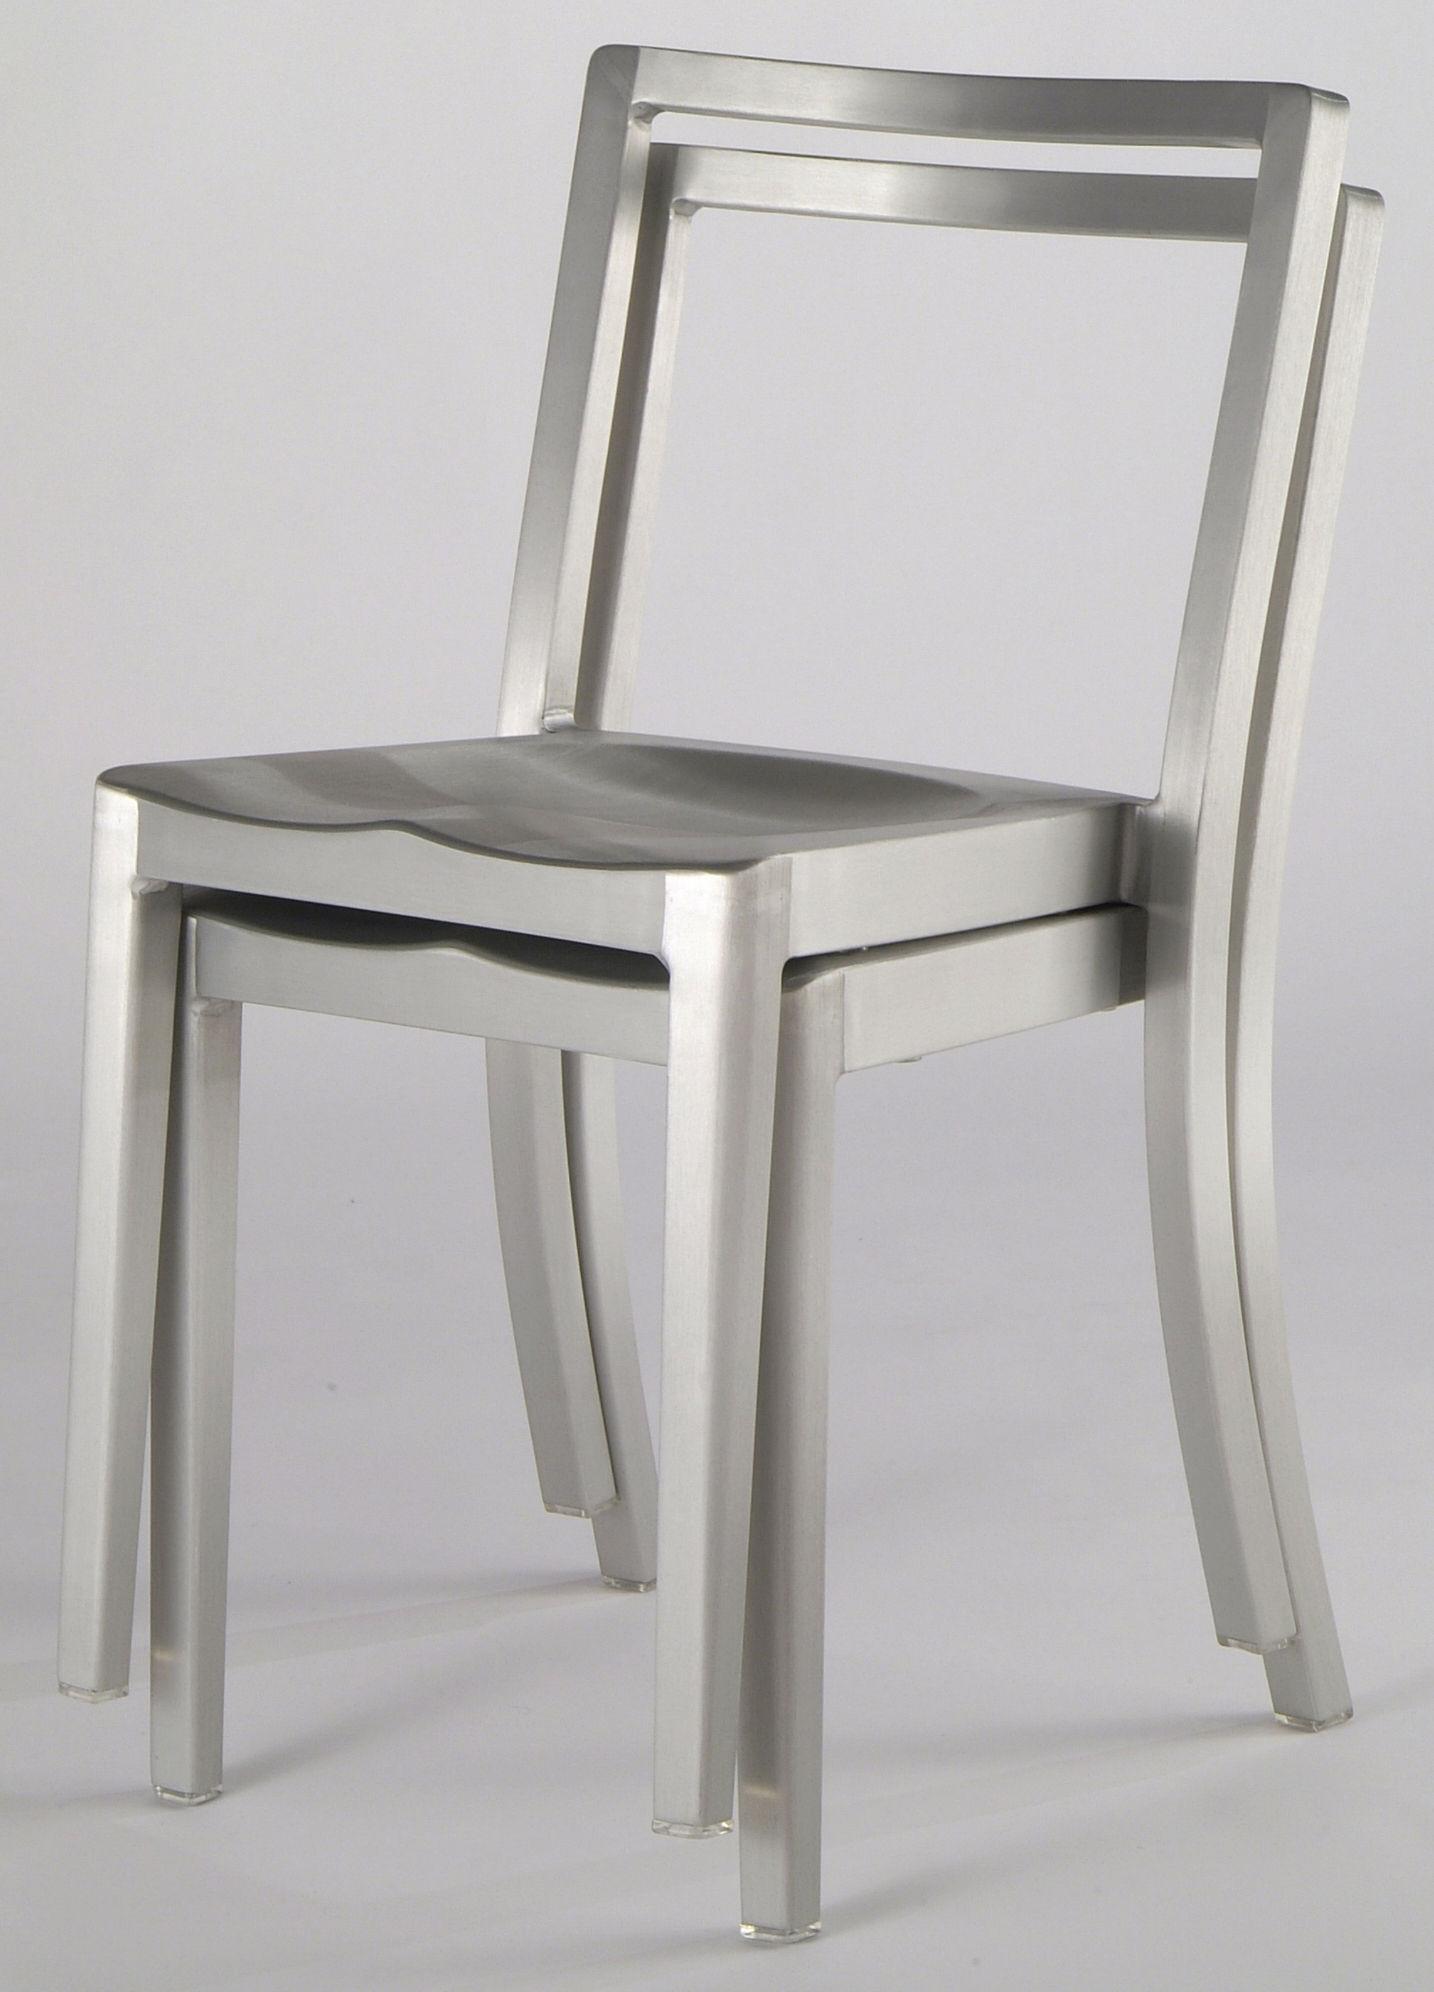 Sedie In Alluminio Per Cucina.Icon Outdoor Sedia Alluminio Opaco By Emeco Made In Design